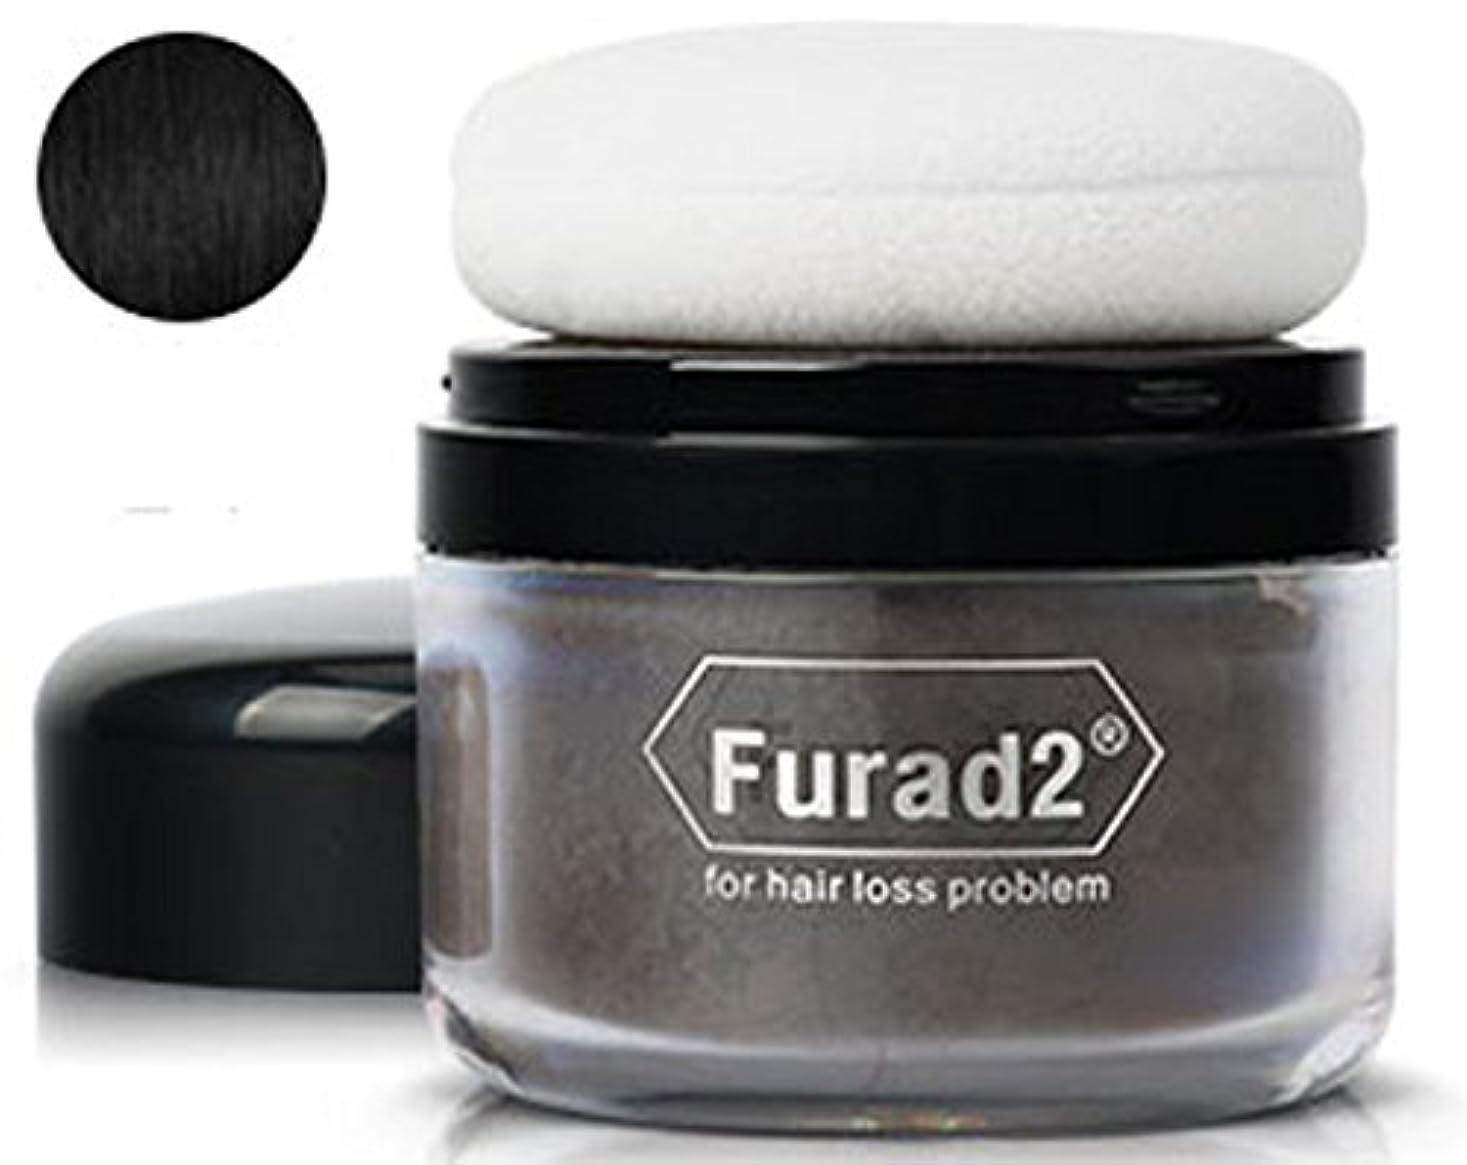 倒産デモンストレーション研究所[フレッド2 ] Furad2 イントロル ワイド ヘアパウダーヘアファイバー 頭髪カバー ヘアー ボリュームアップパウダー 67g(海外直送品)  Furad2 Interal Wide Hair Power Hair...